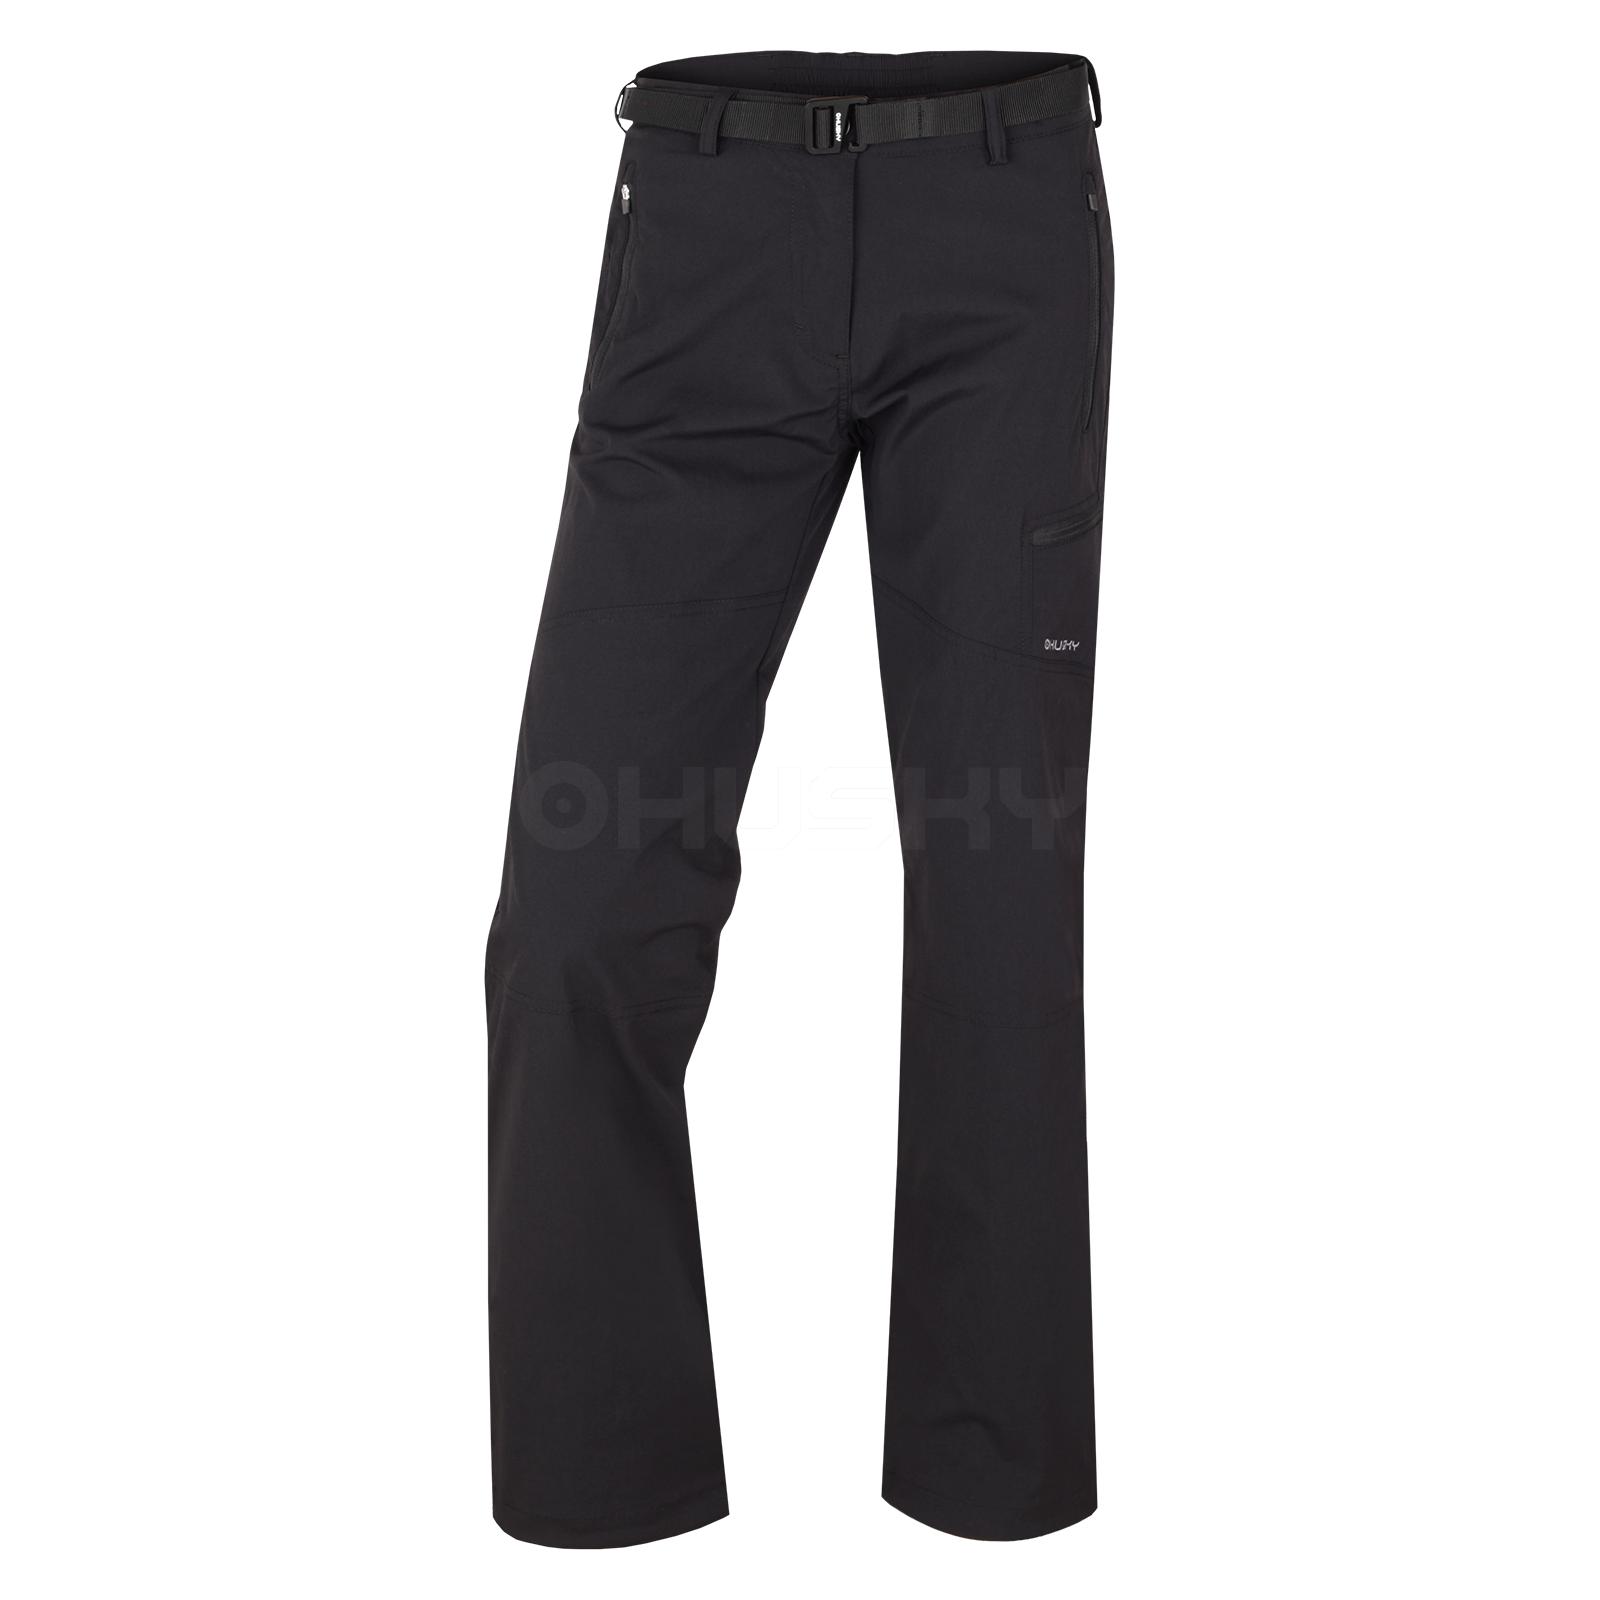 Husky Dámské outdoor kalhoty Kauby L černá Velikost: XS